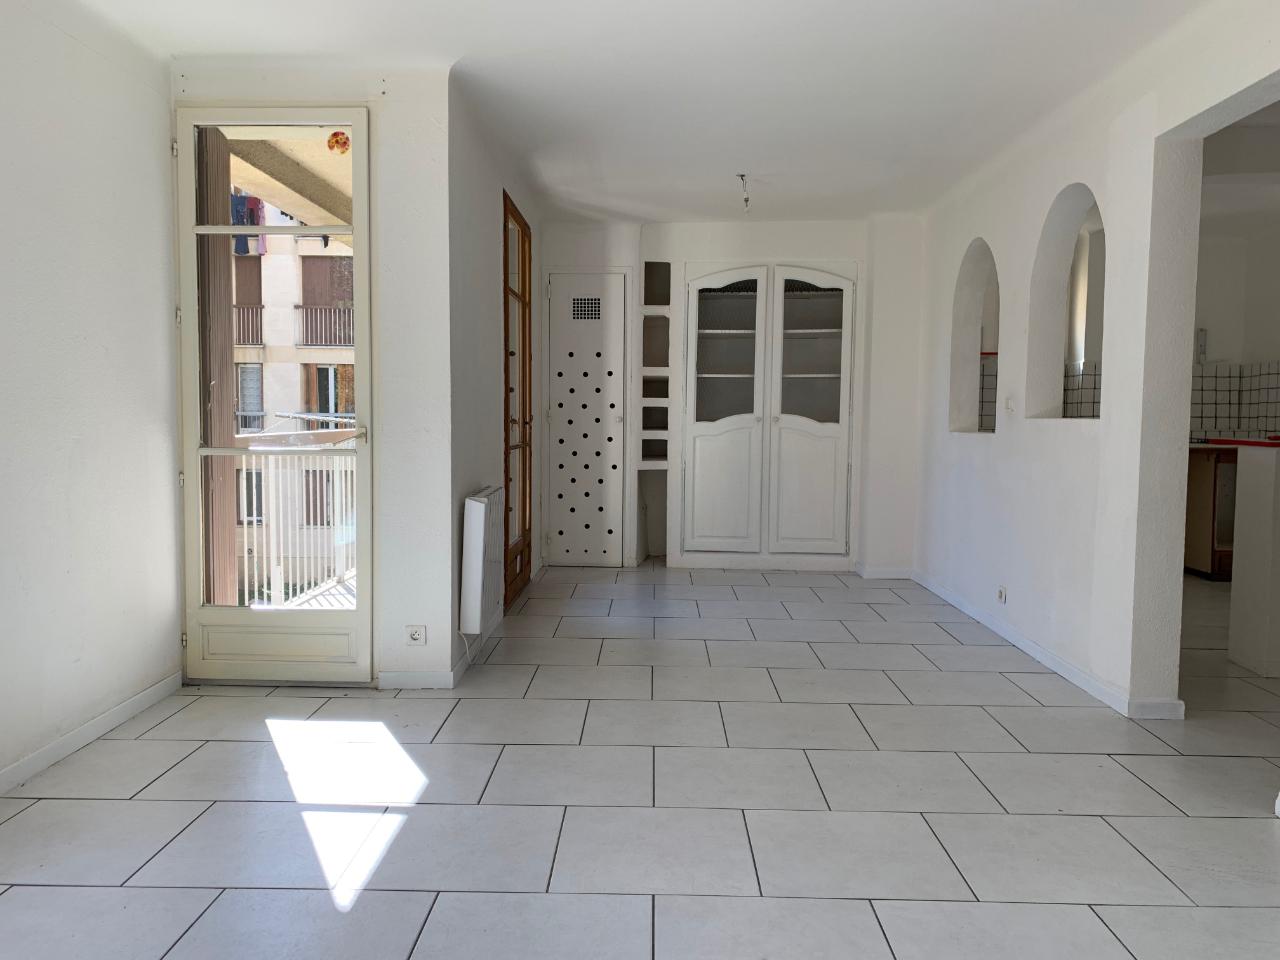 location appartement manosque 4 pi ces 100m 720 mois sur le partenaire. Black Bedroom Furniture Sets. Home Design Ideas